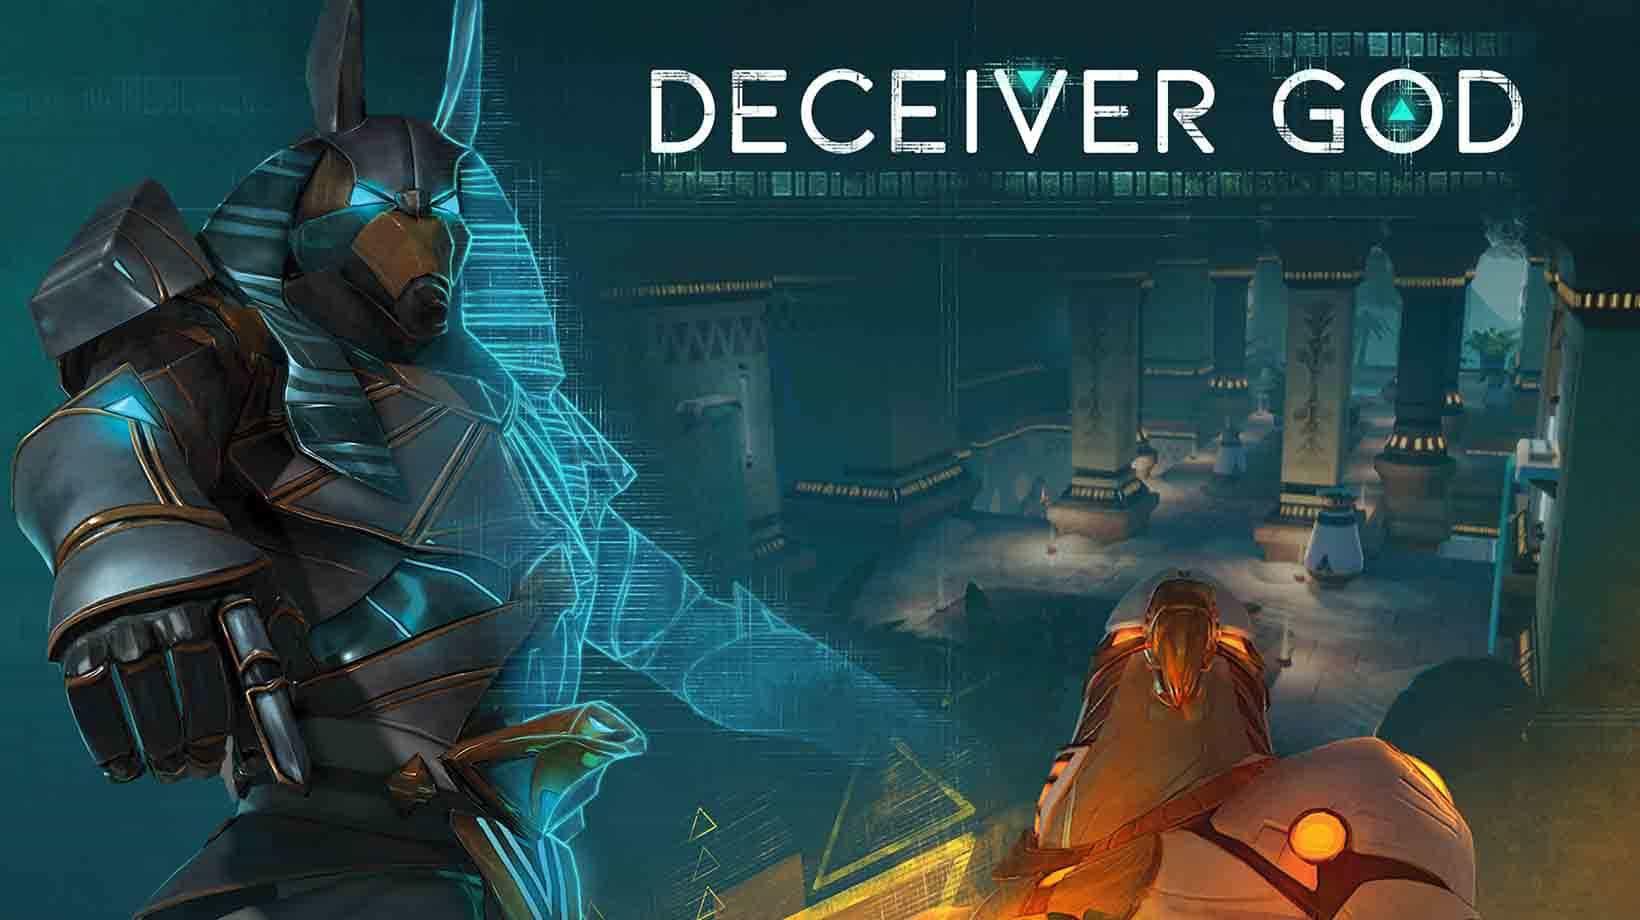 deceiver-god